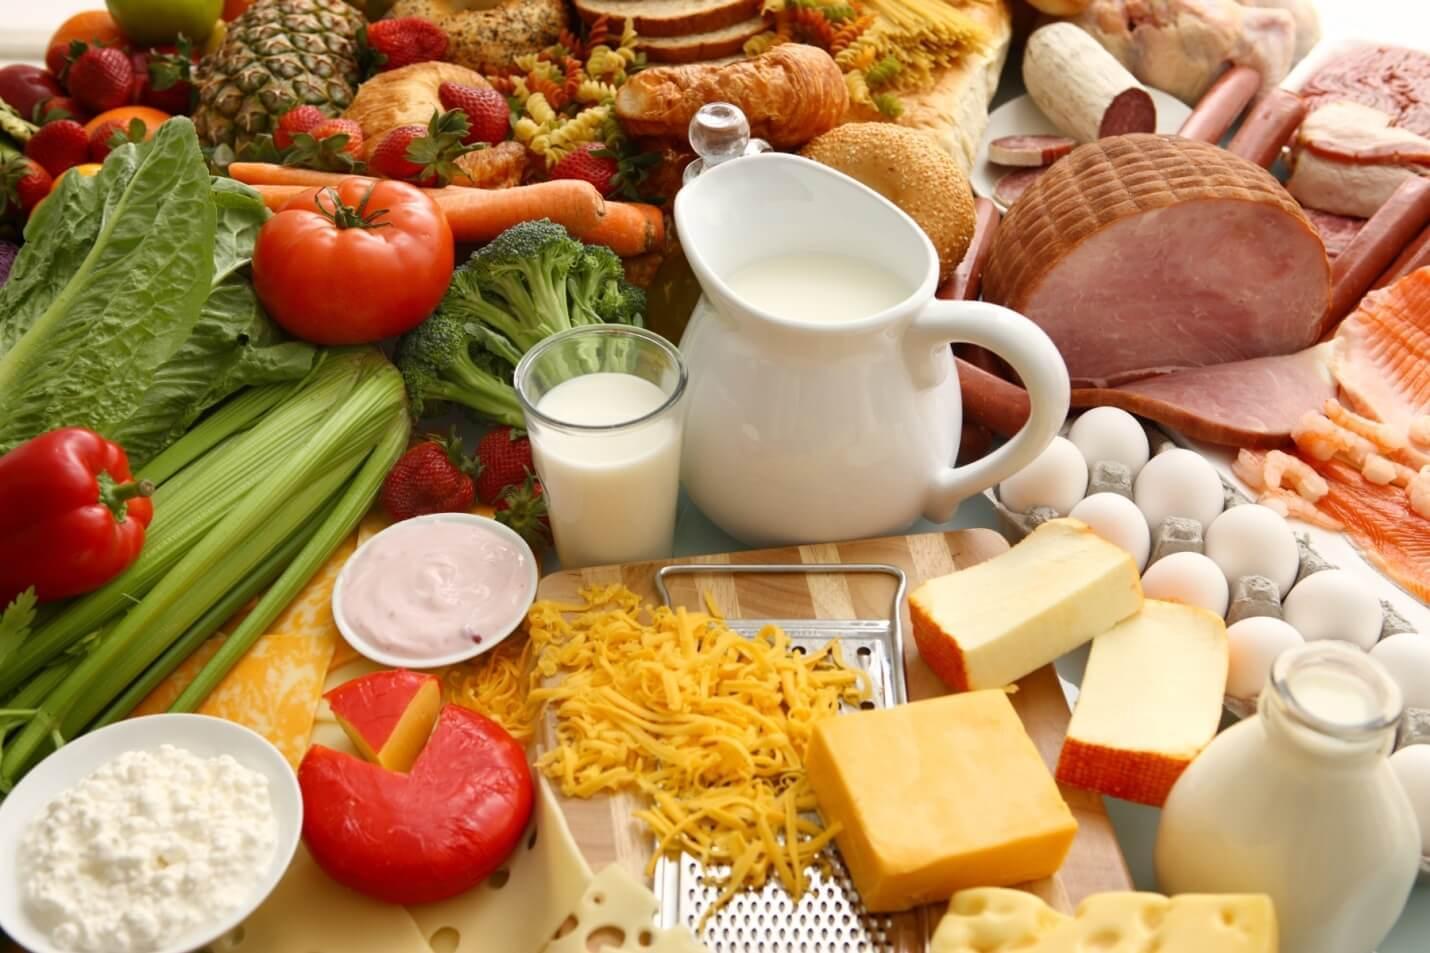 Chế độ ăn uống - ngủ nghỉ hợp lý